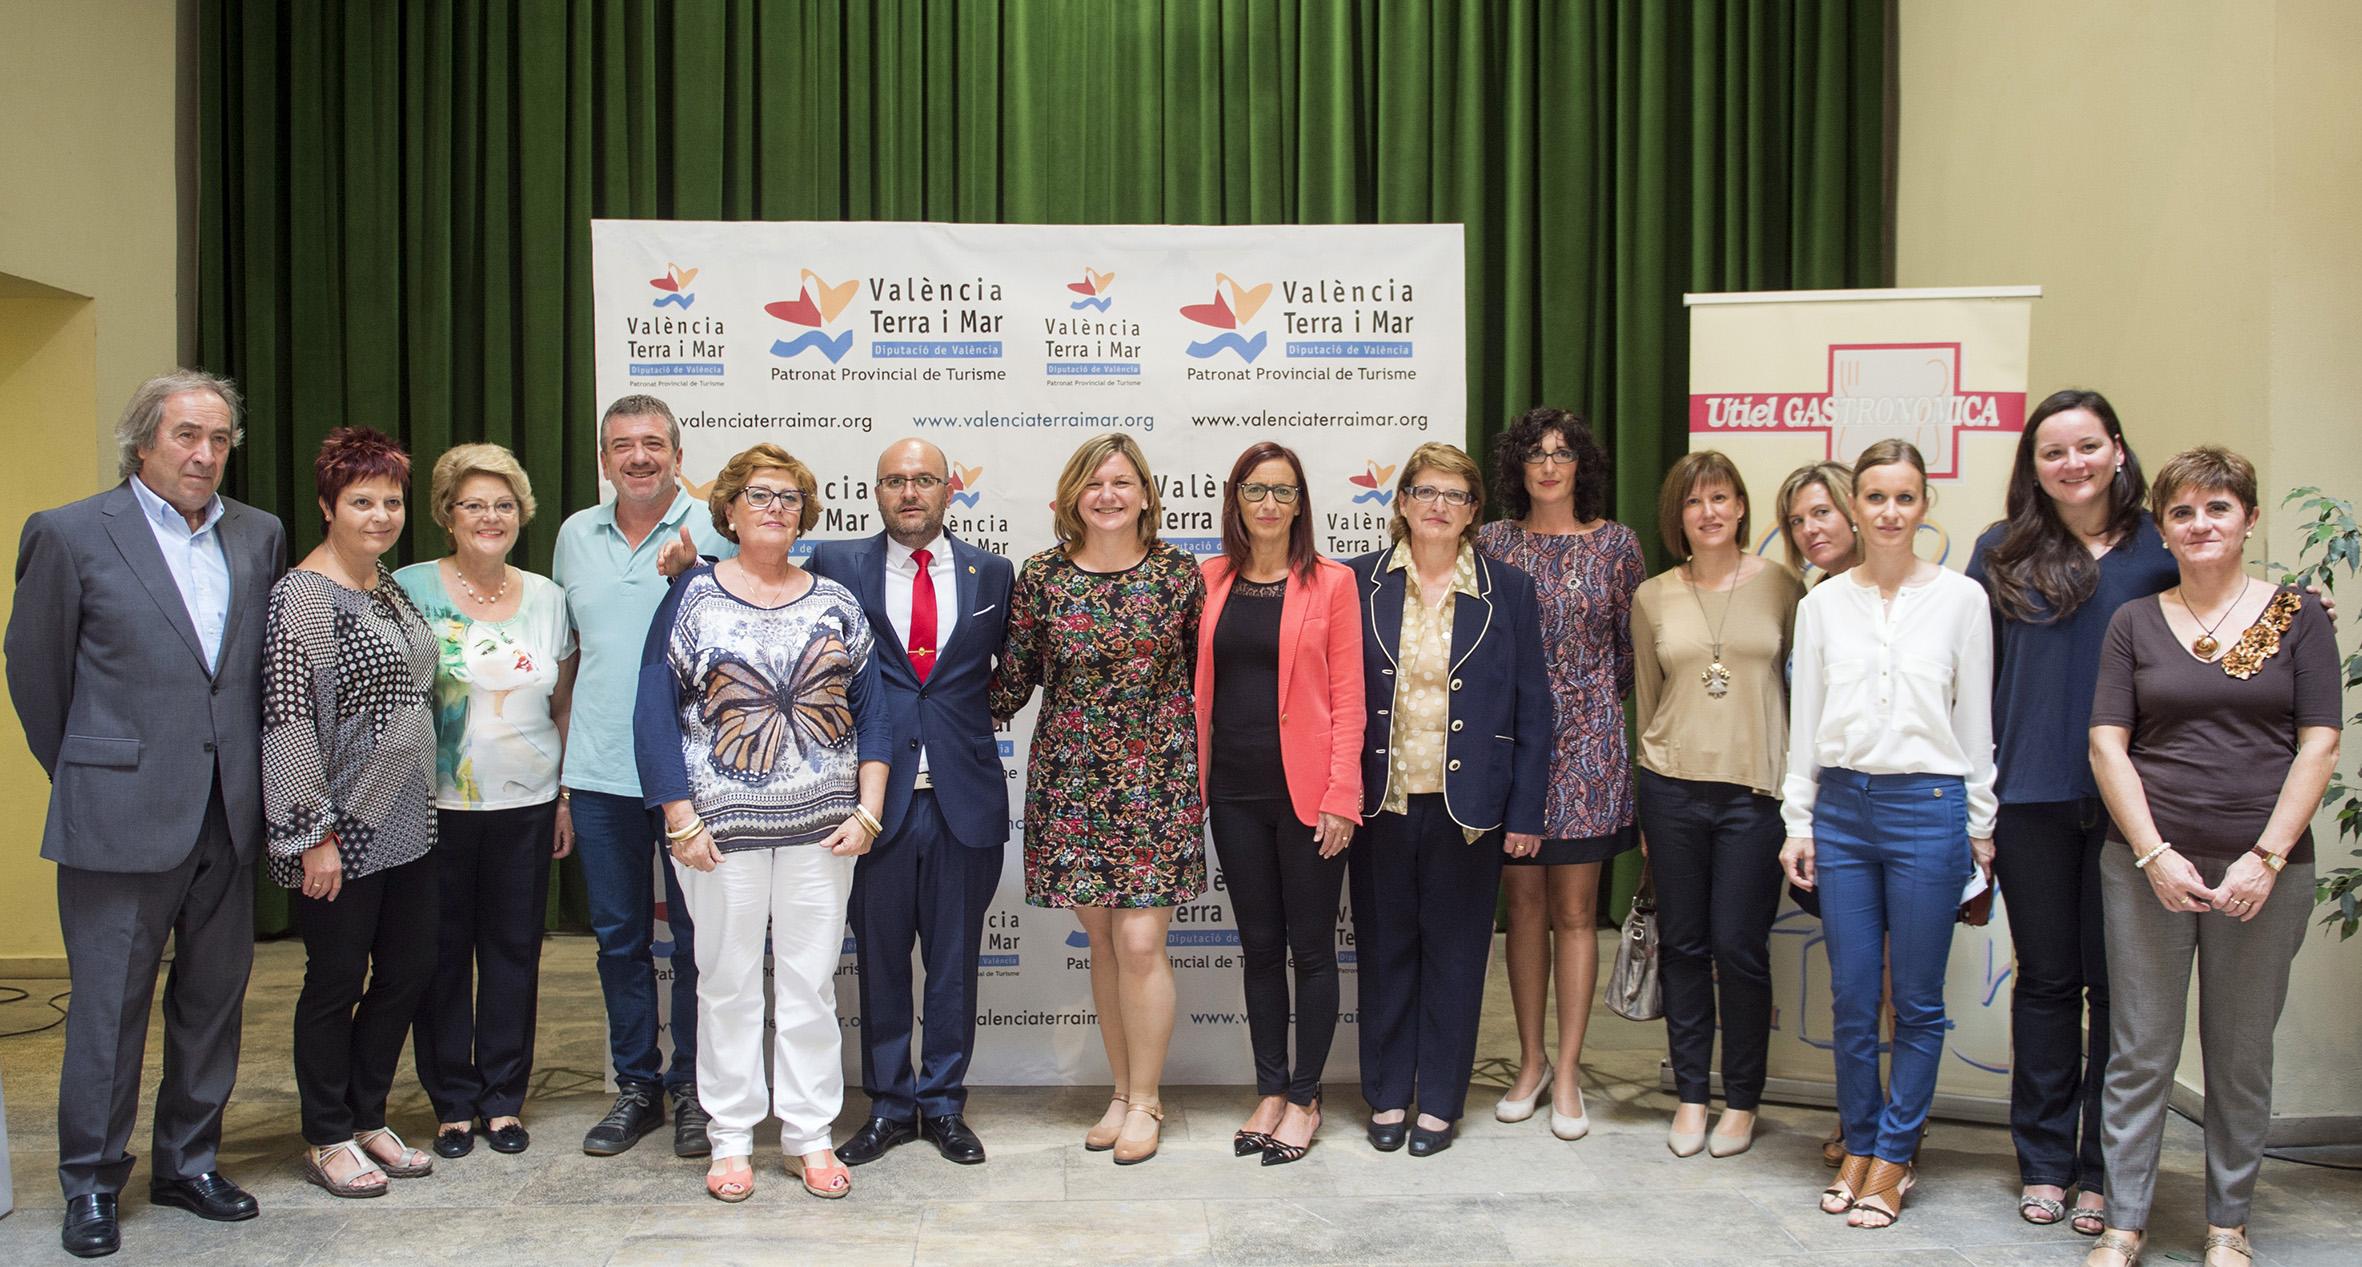 Responsables de la Diputación de Valencia, del Ayuntamiento de Utiel, de la organización de la muestra y de las entidades participantes. Foto: R. Albulaila.